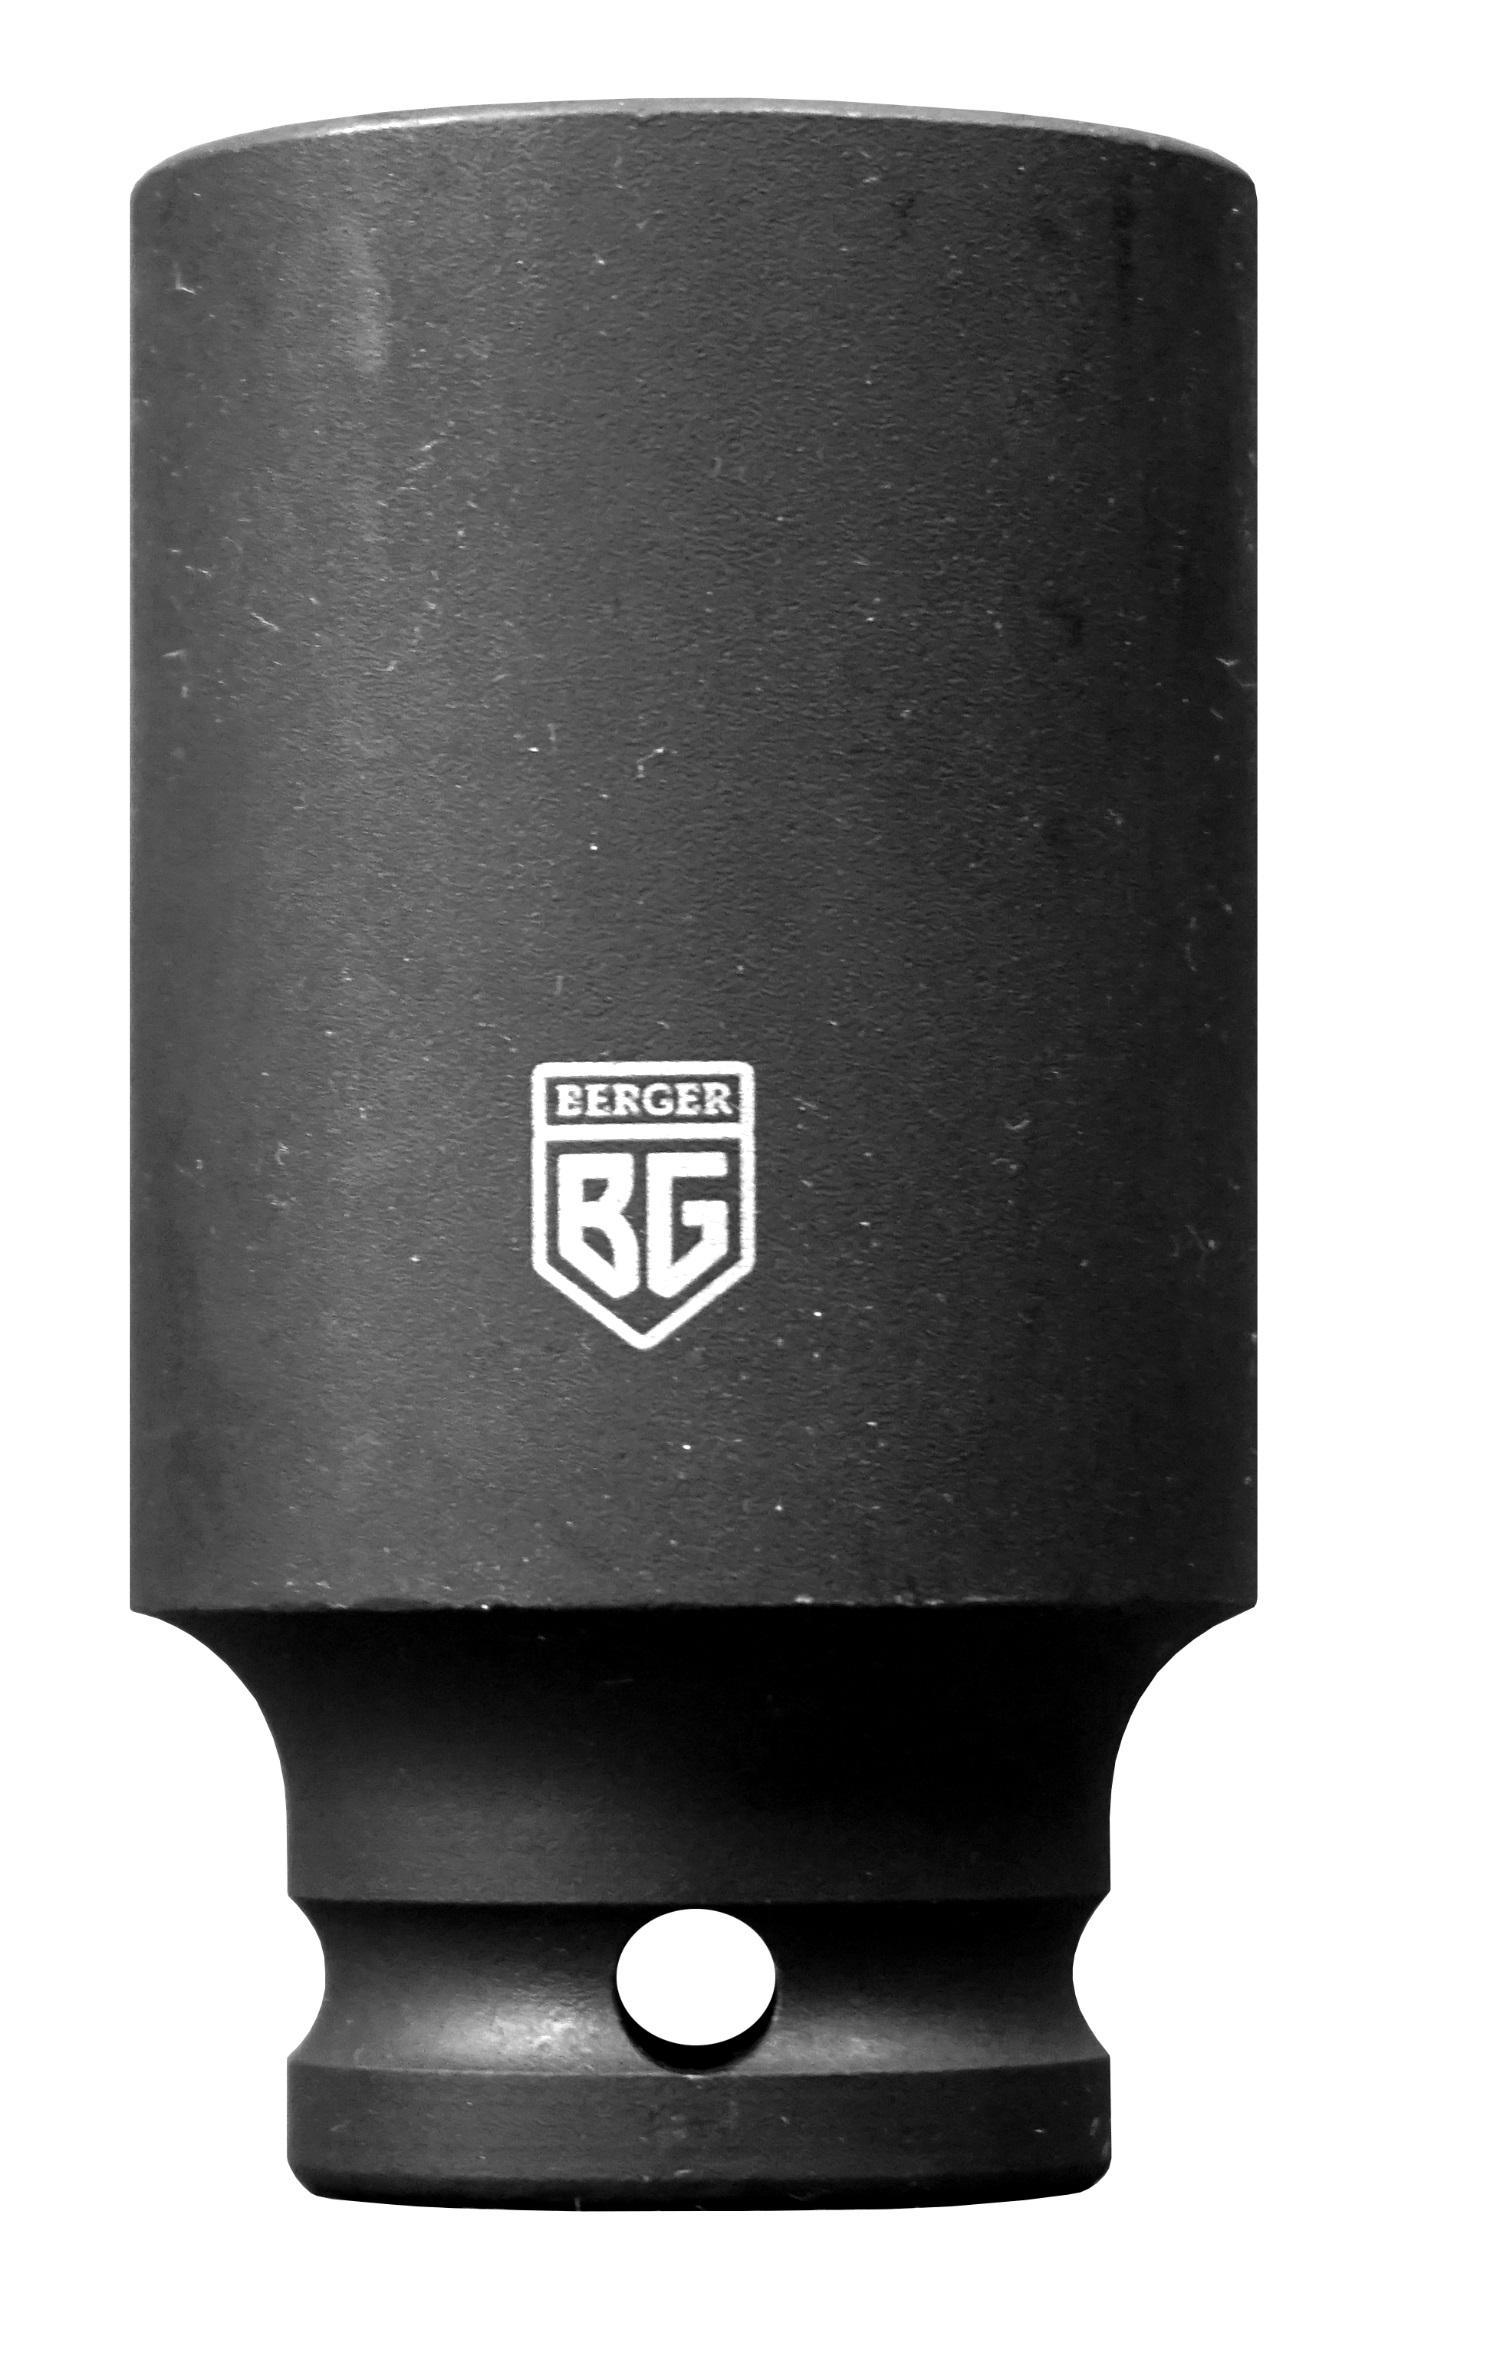 Головка торцевая Berger размер 12мм, h 75мм, s 1/2'' (bg2134)